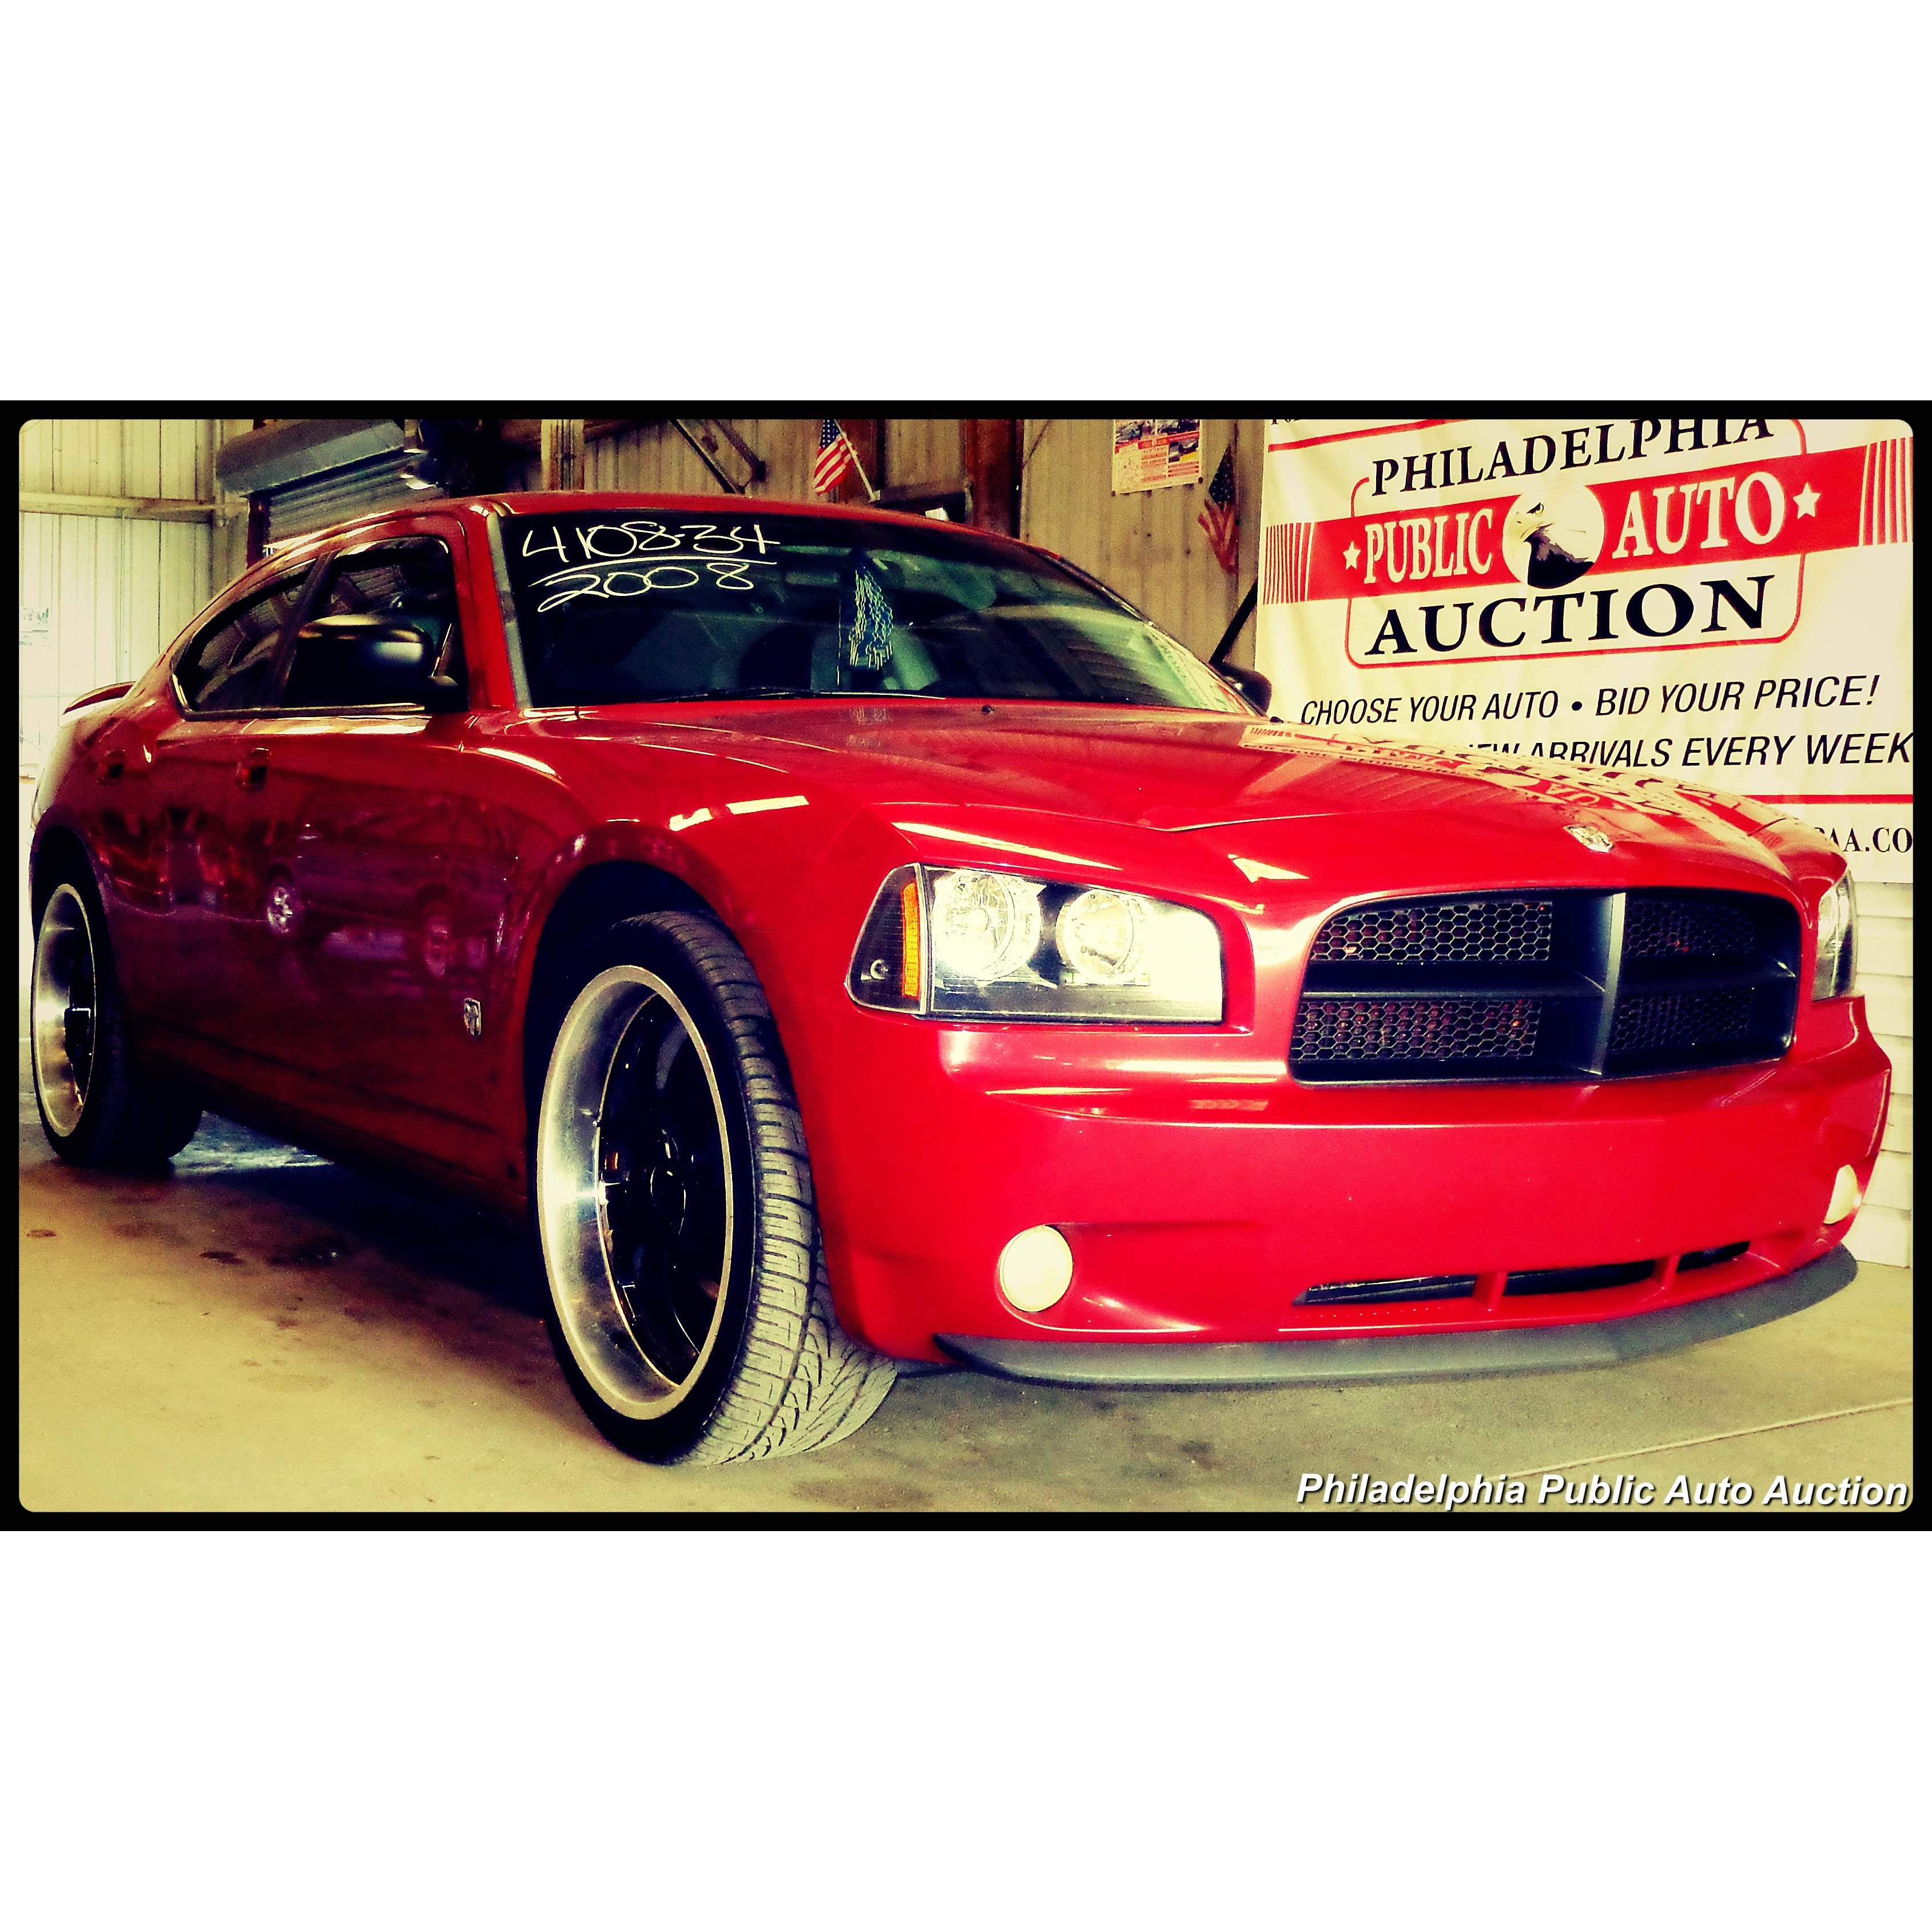 Public Auctions Near Me >> Philadelphia Public Auto Auction Coupons Near Me In Philadelphia